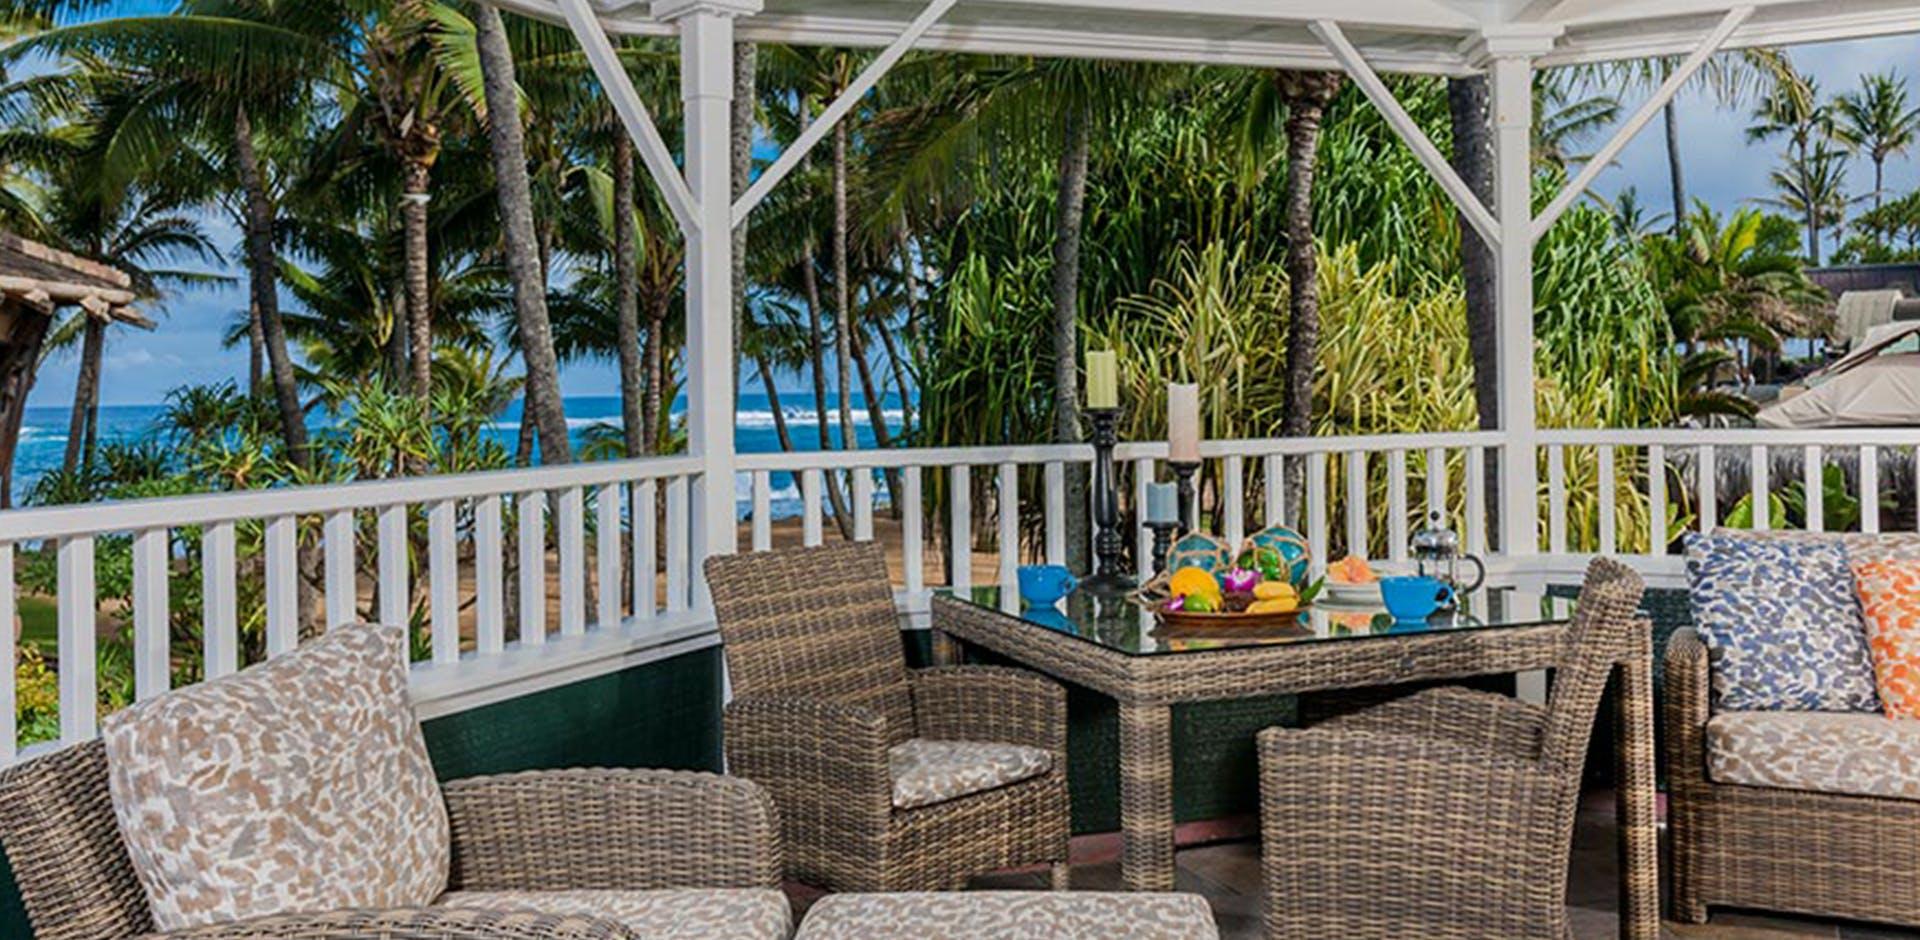 two-bedroom beachfront patio